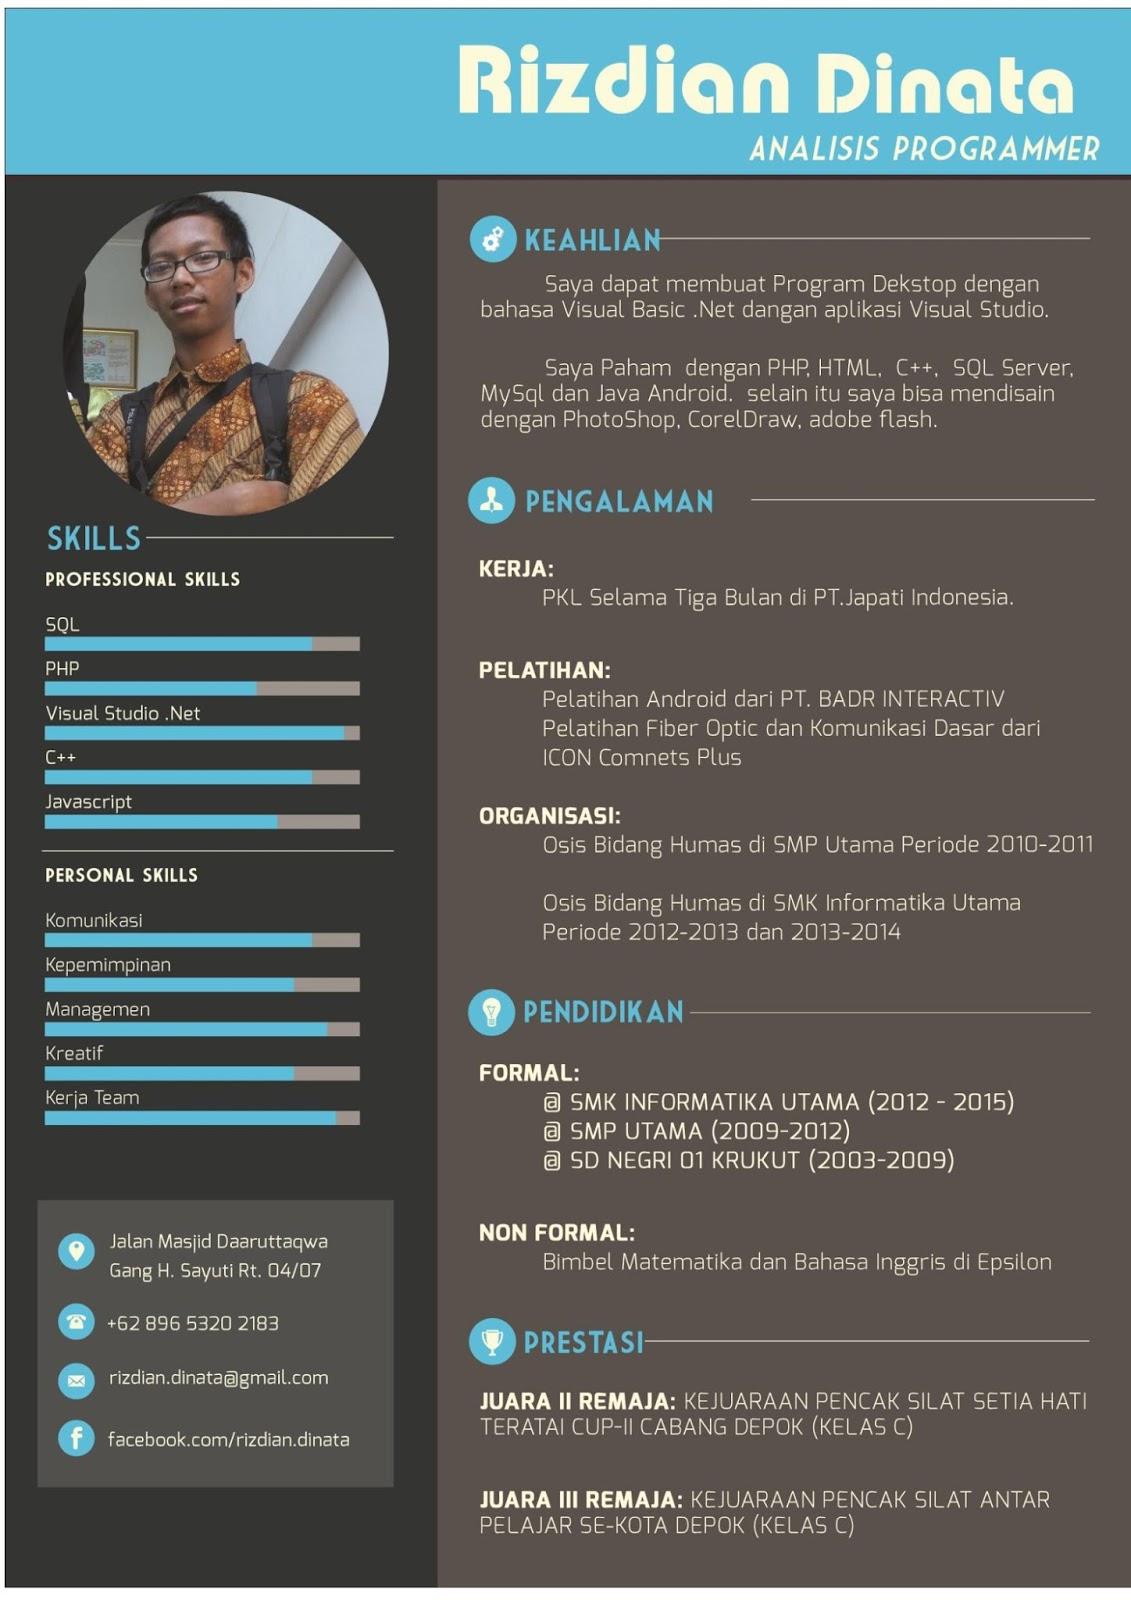 Menjadikan Hidup Lebih Bermakna: Contoh-contoh CV Menarik